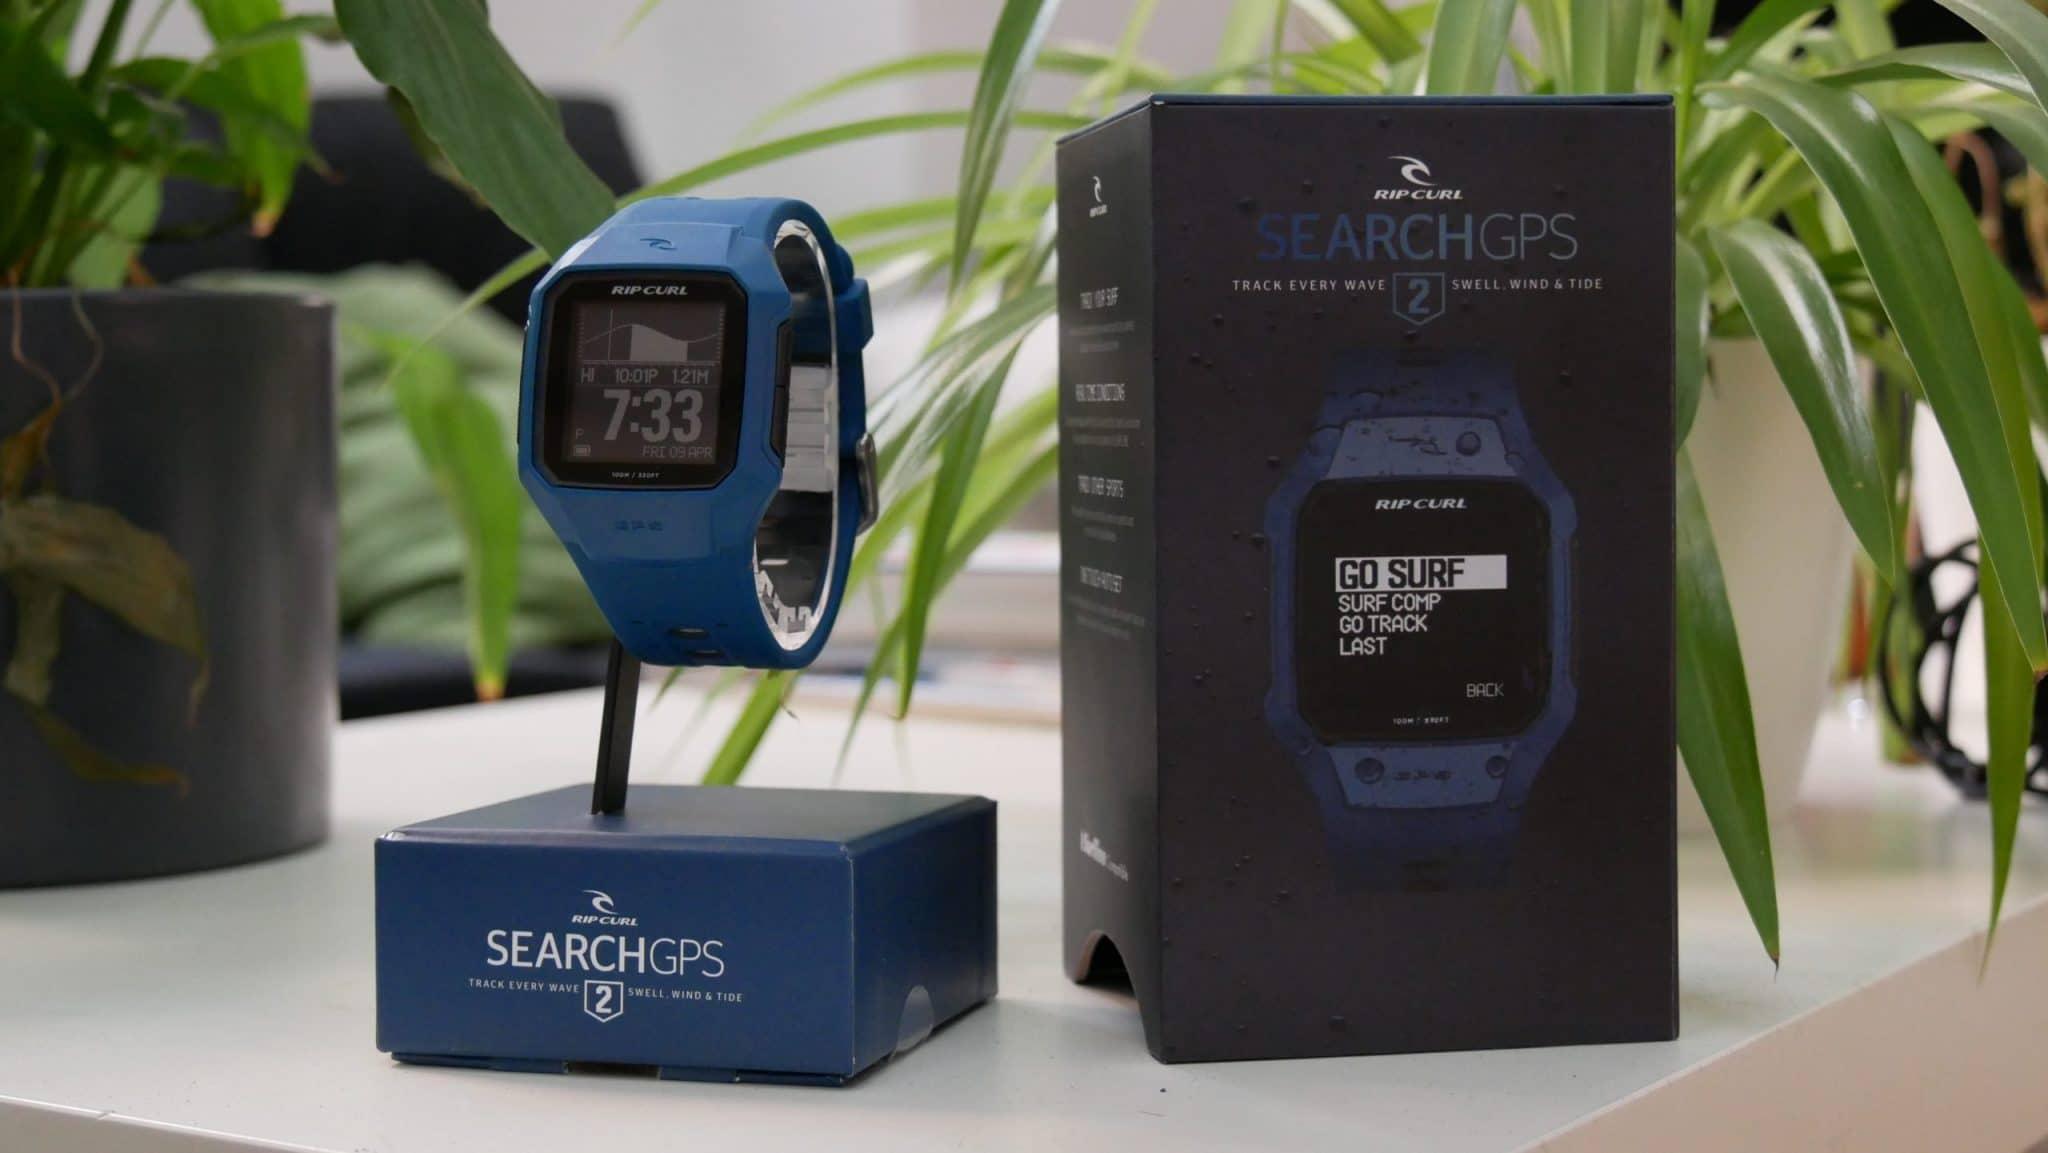 Cette montre connectée est parfaite pour suivre vos sessions de surf